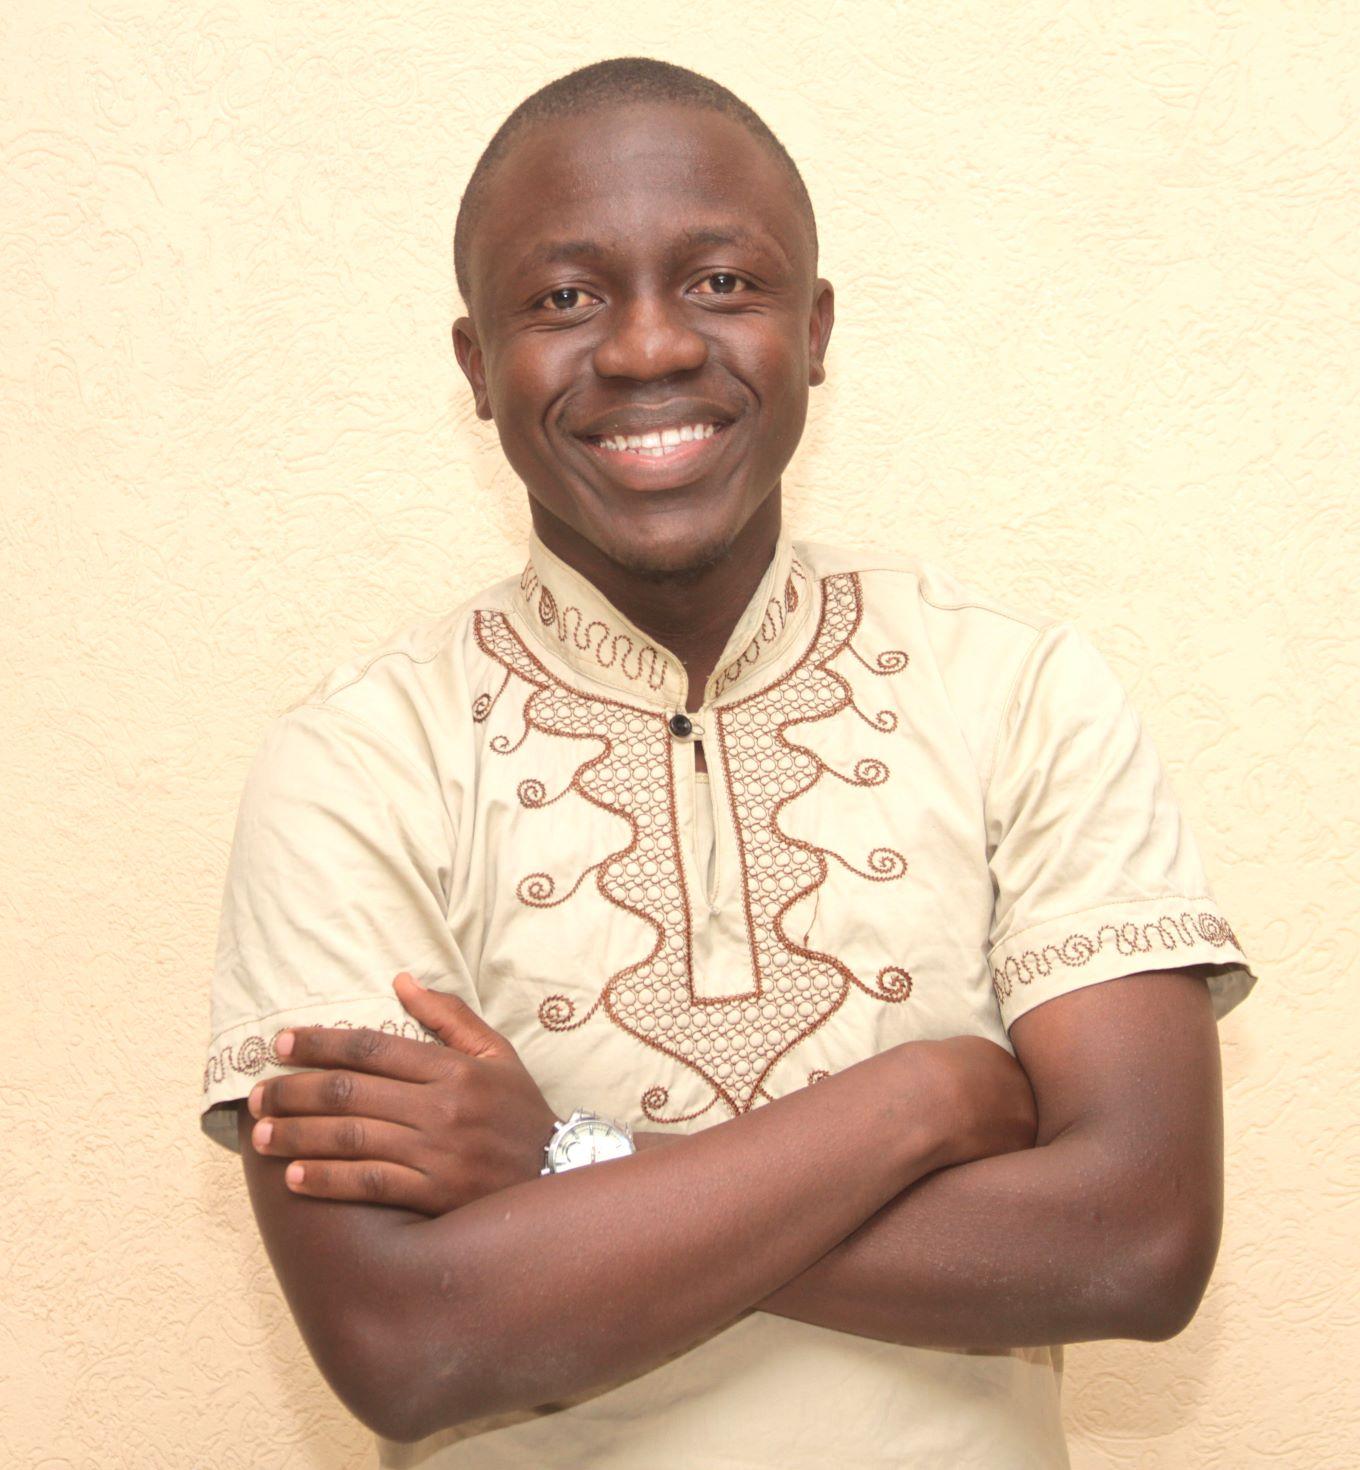 Thomas Imbugwa Injoli